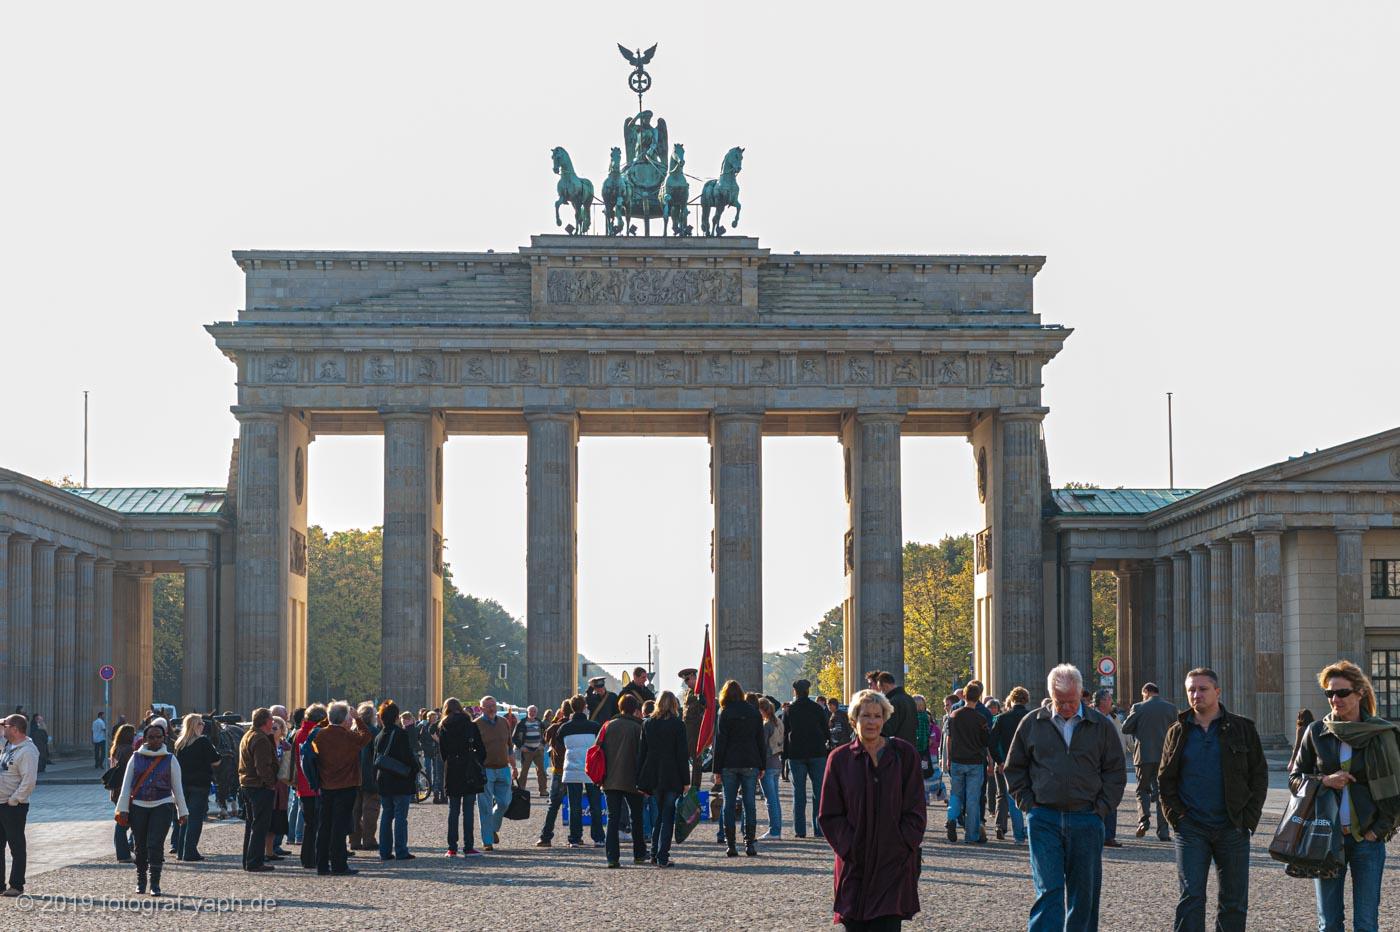 Das Brandenburger Tor in Berlin ist eines der berühmtesten Sightseeing Attraktionen oder places to be für Touristen wie auch für Fotograf Yaph Trier